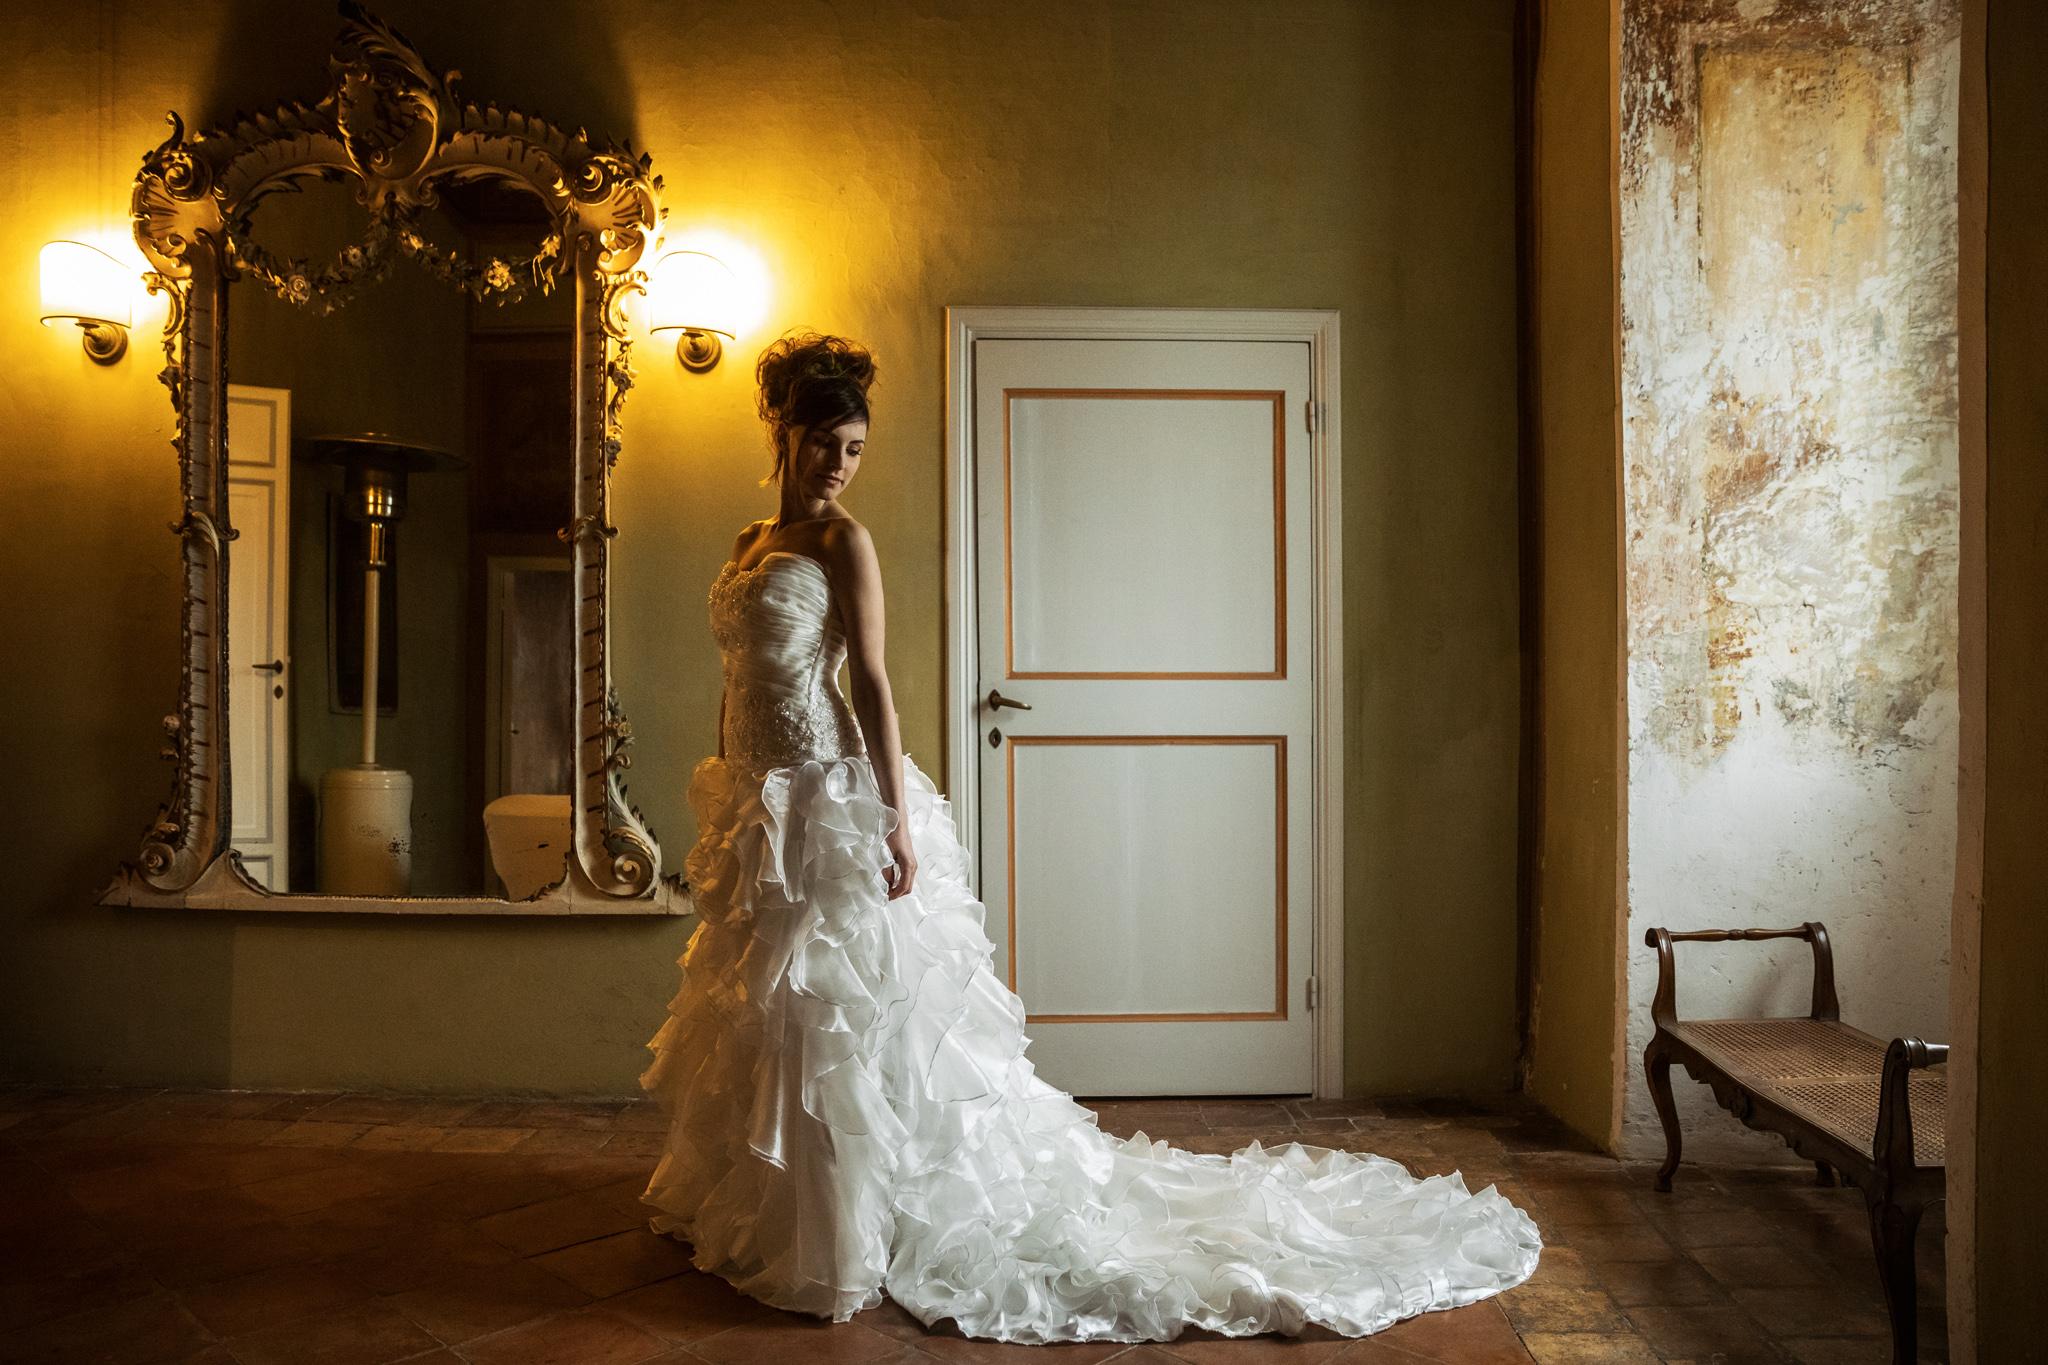 the bride at the Ceri Castle in a picture by Fabio Schiazza